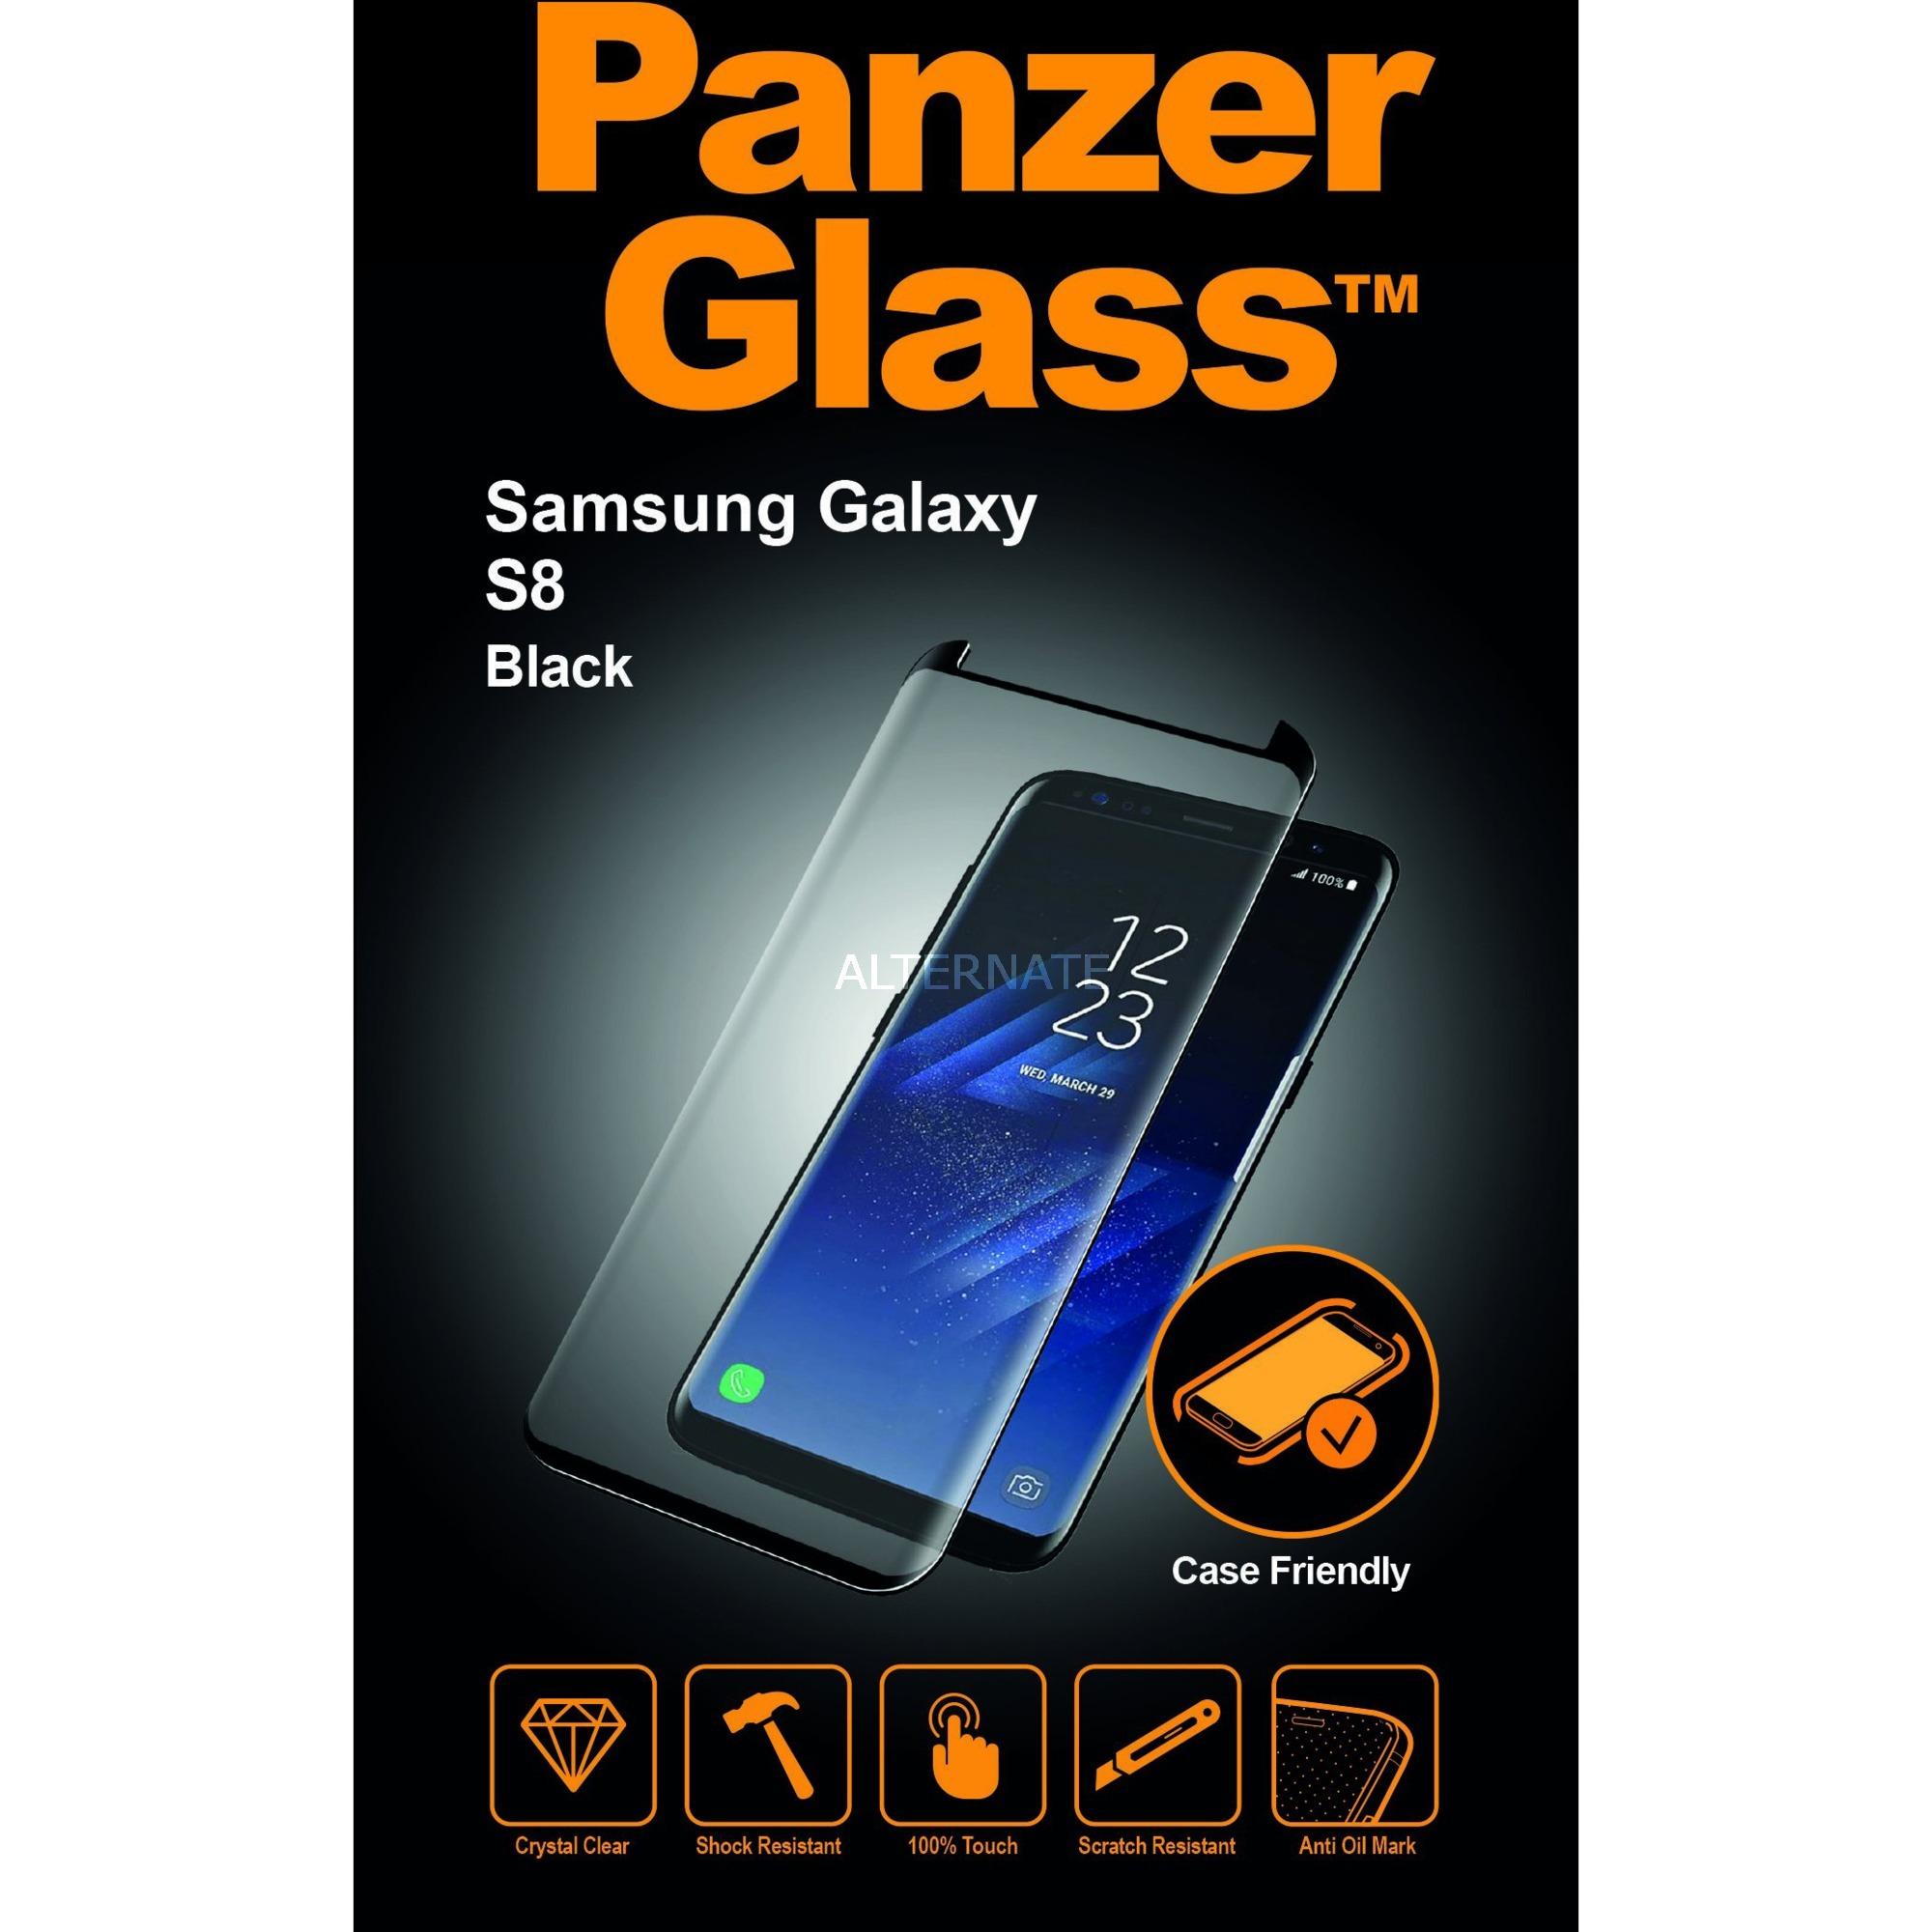 7122 protector de pantalla Teléfono móvil/smartphone Samsung 1 pieza(s), Película protectora